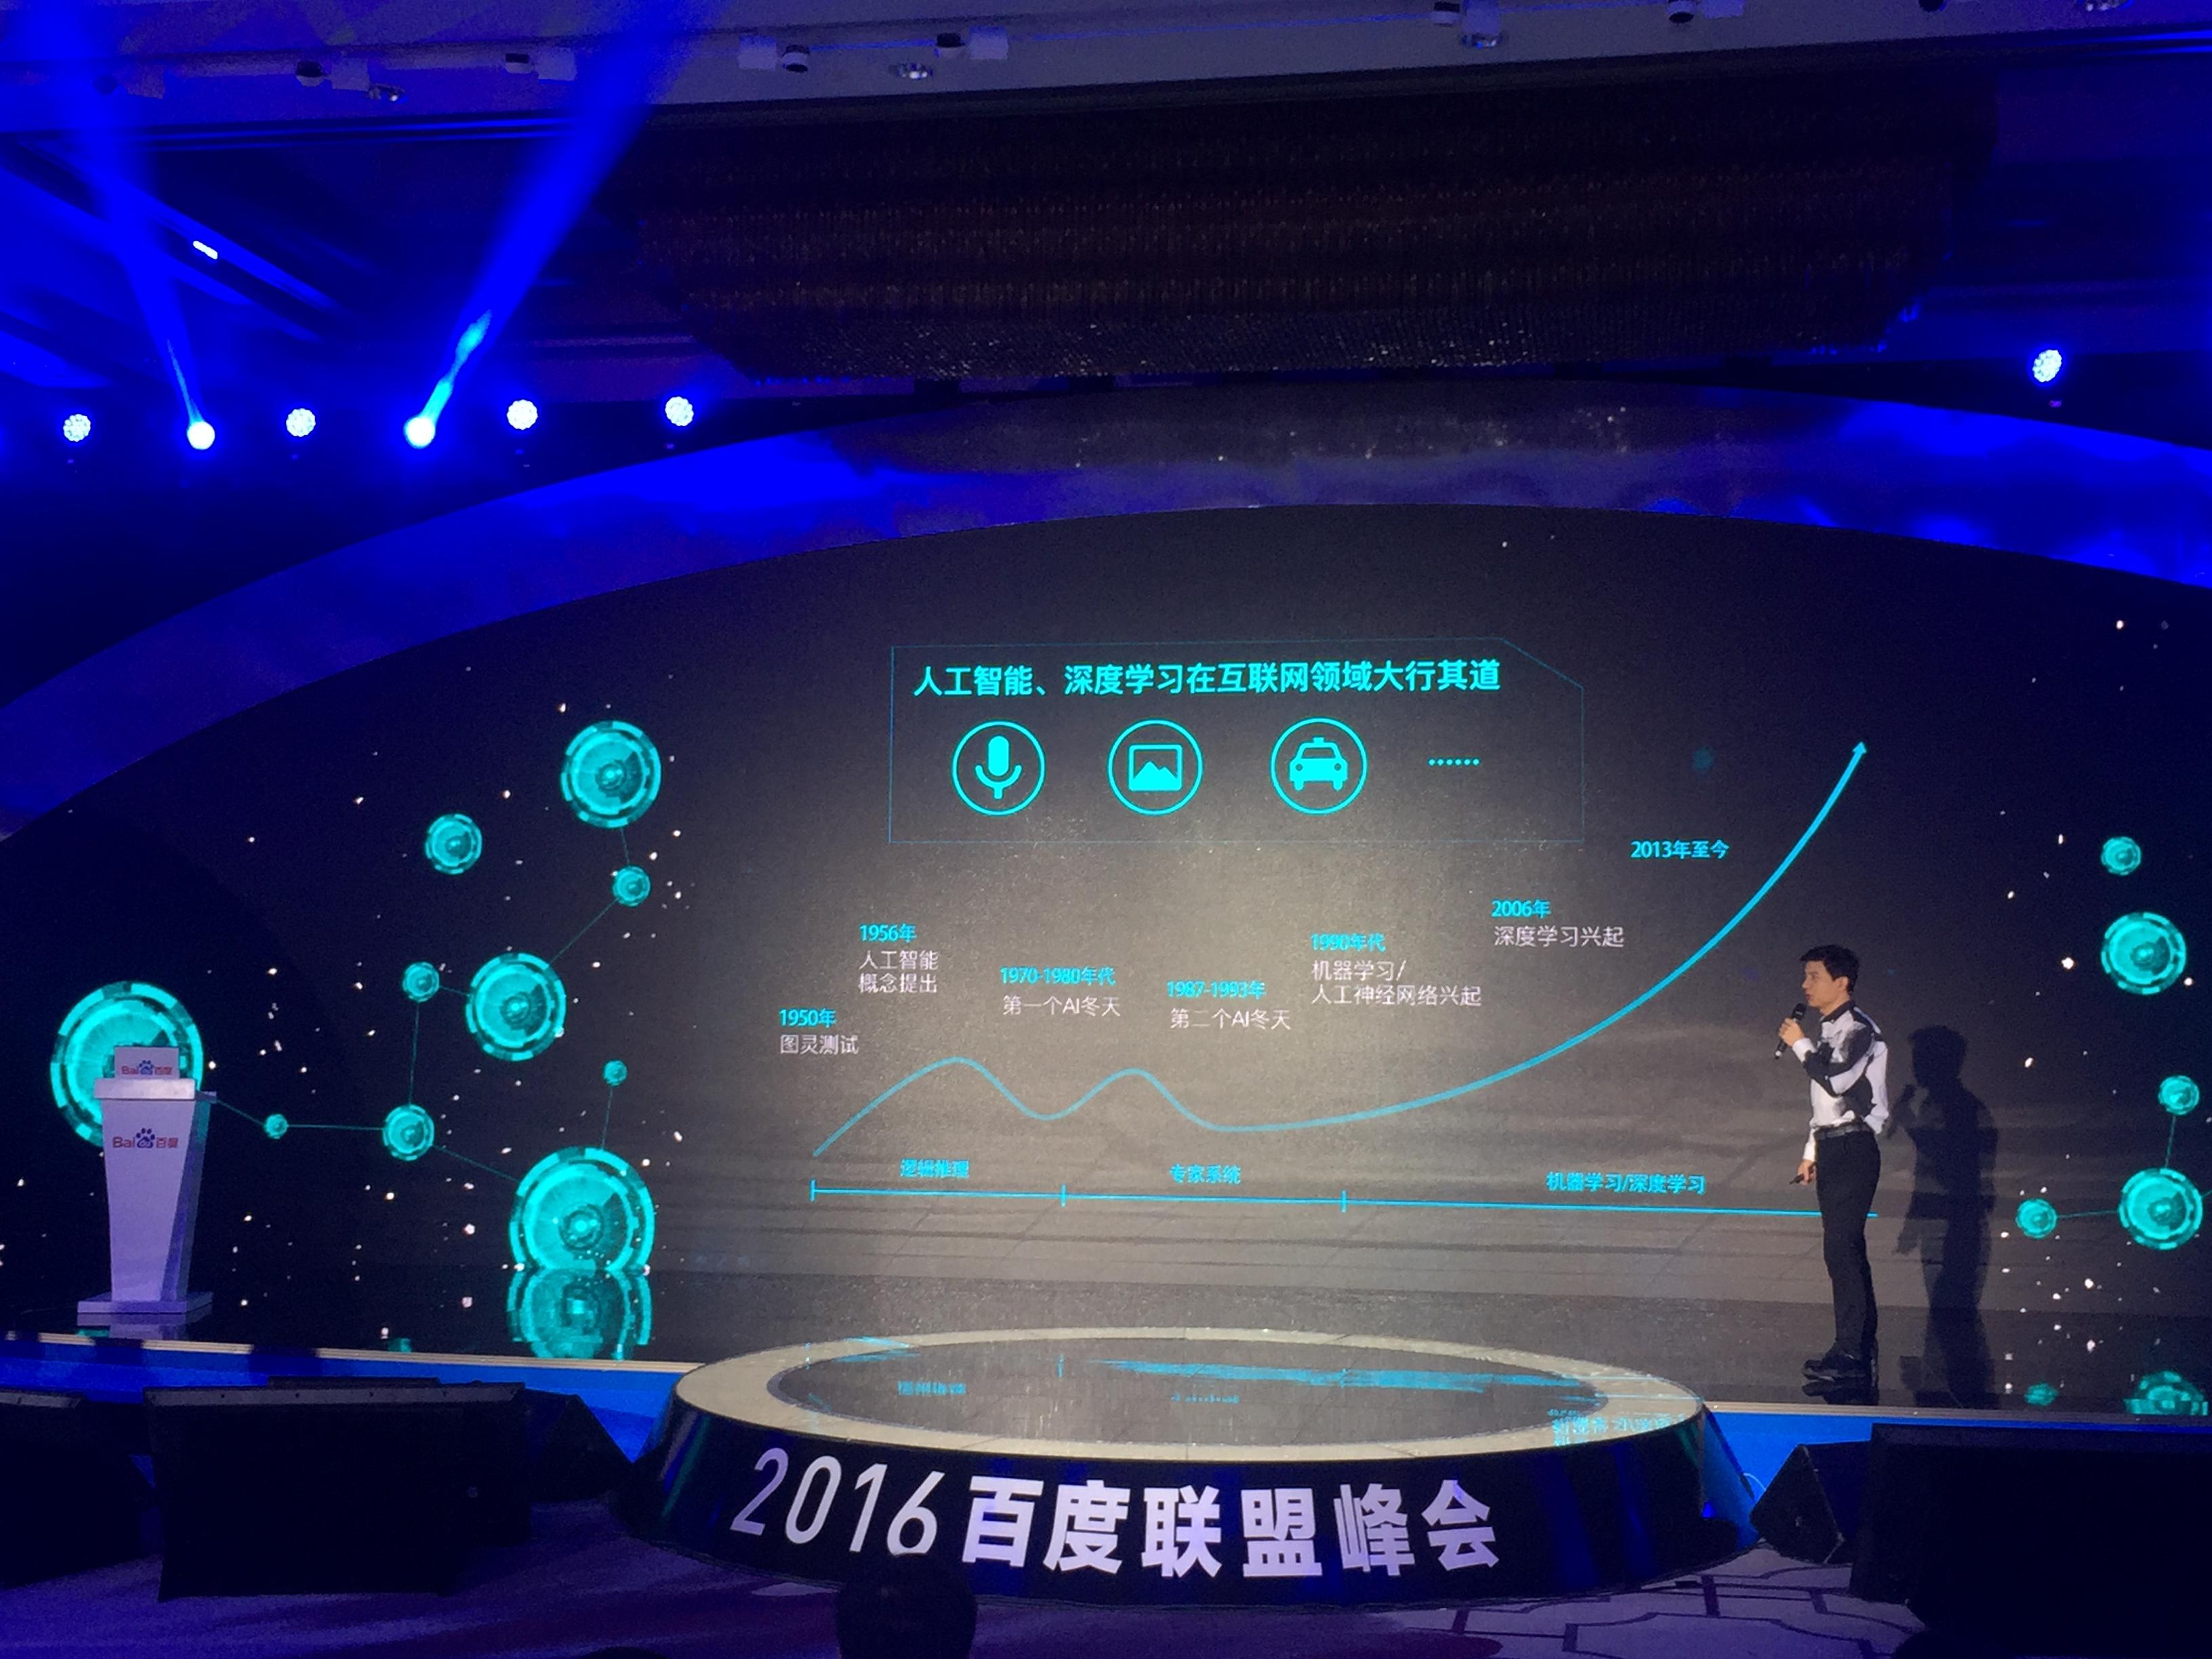 李彦宏:在我有生之年 人工智能不会毁灭人类